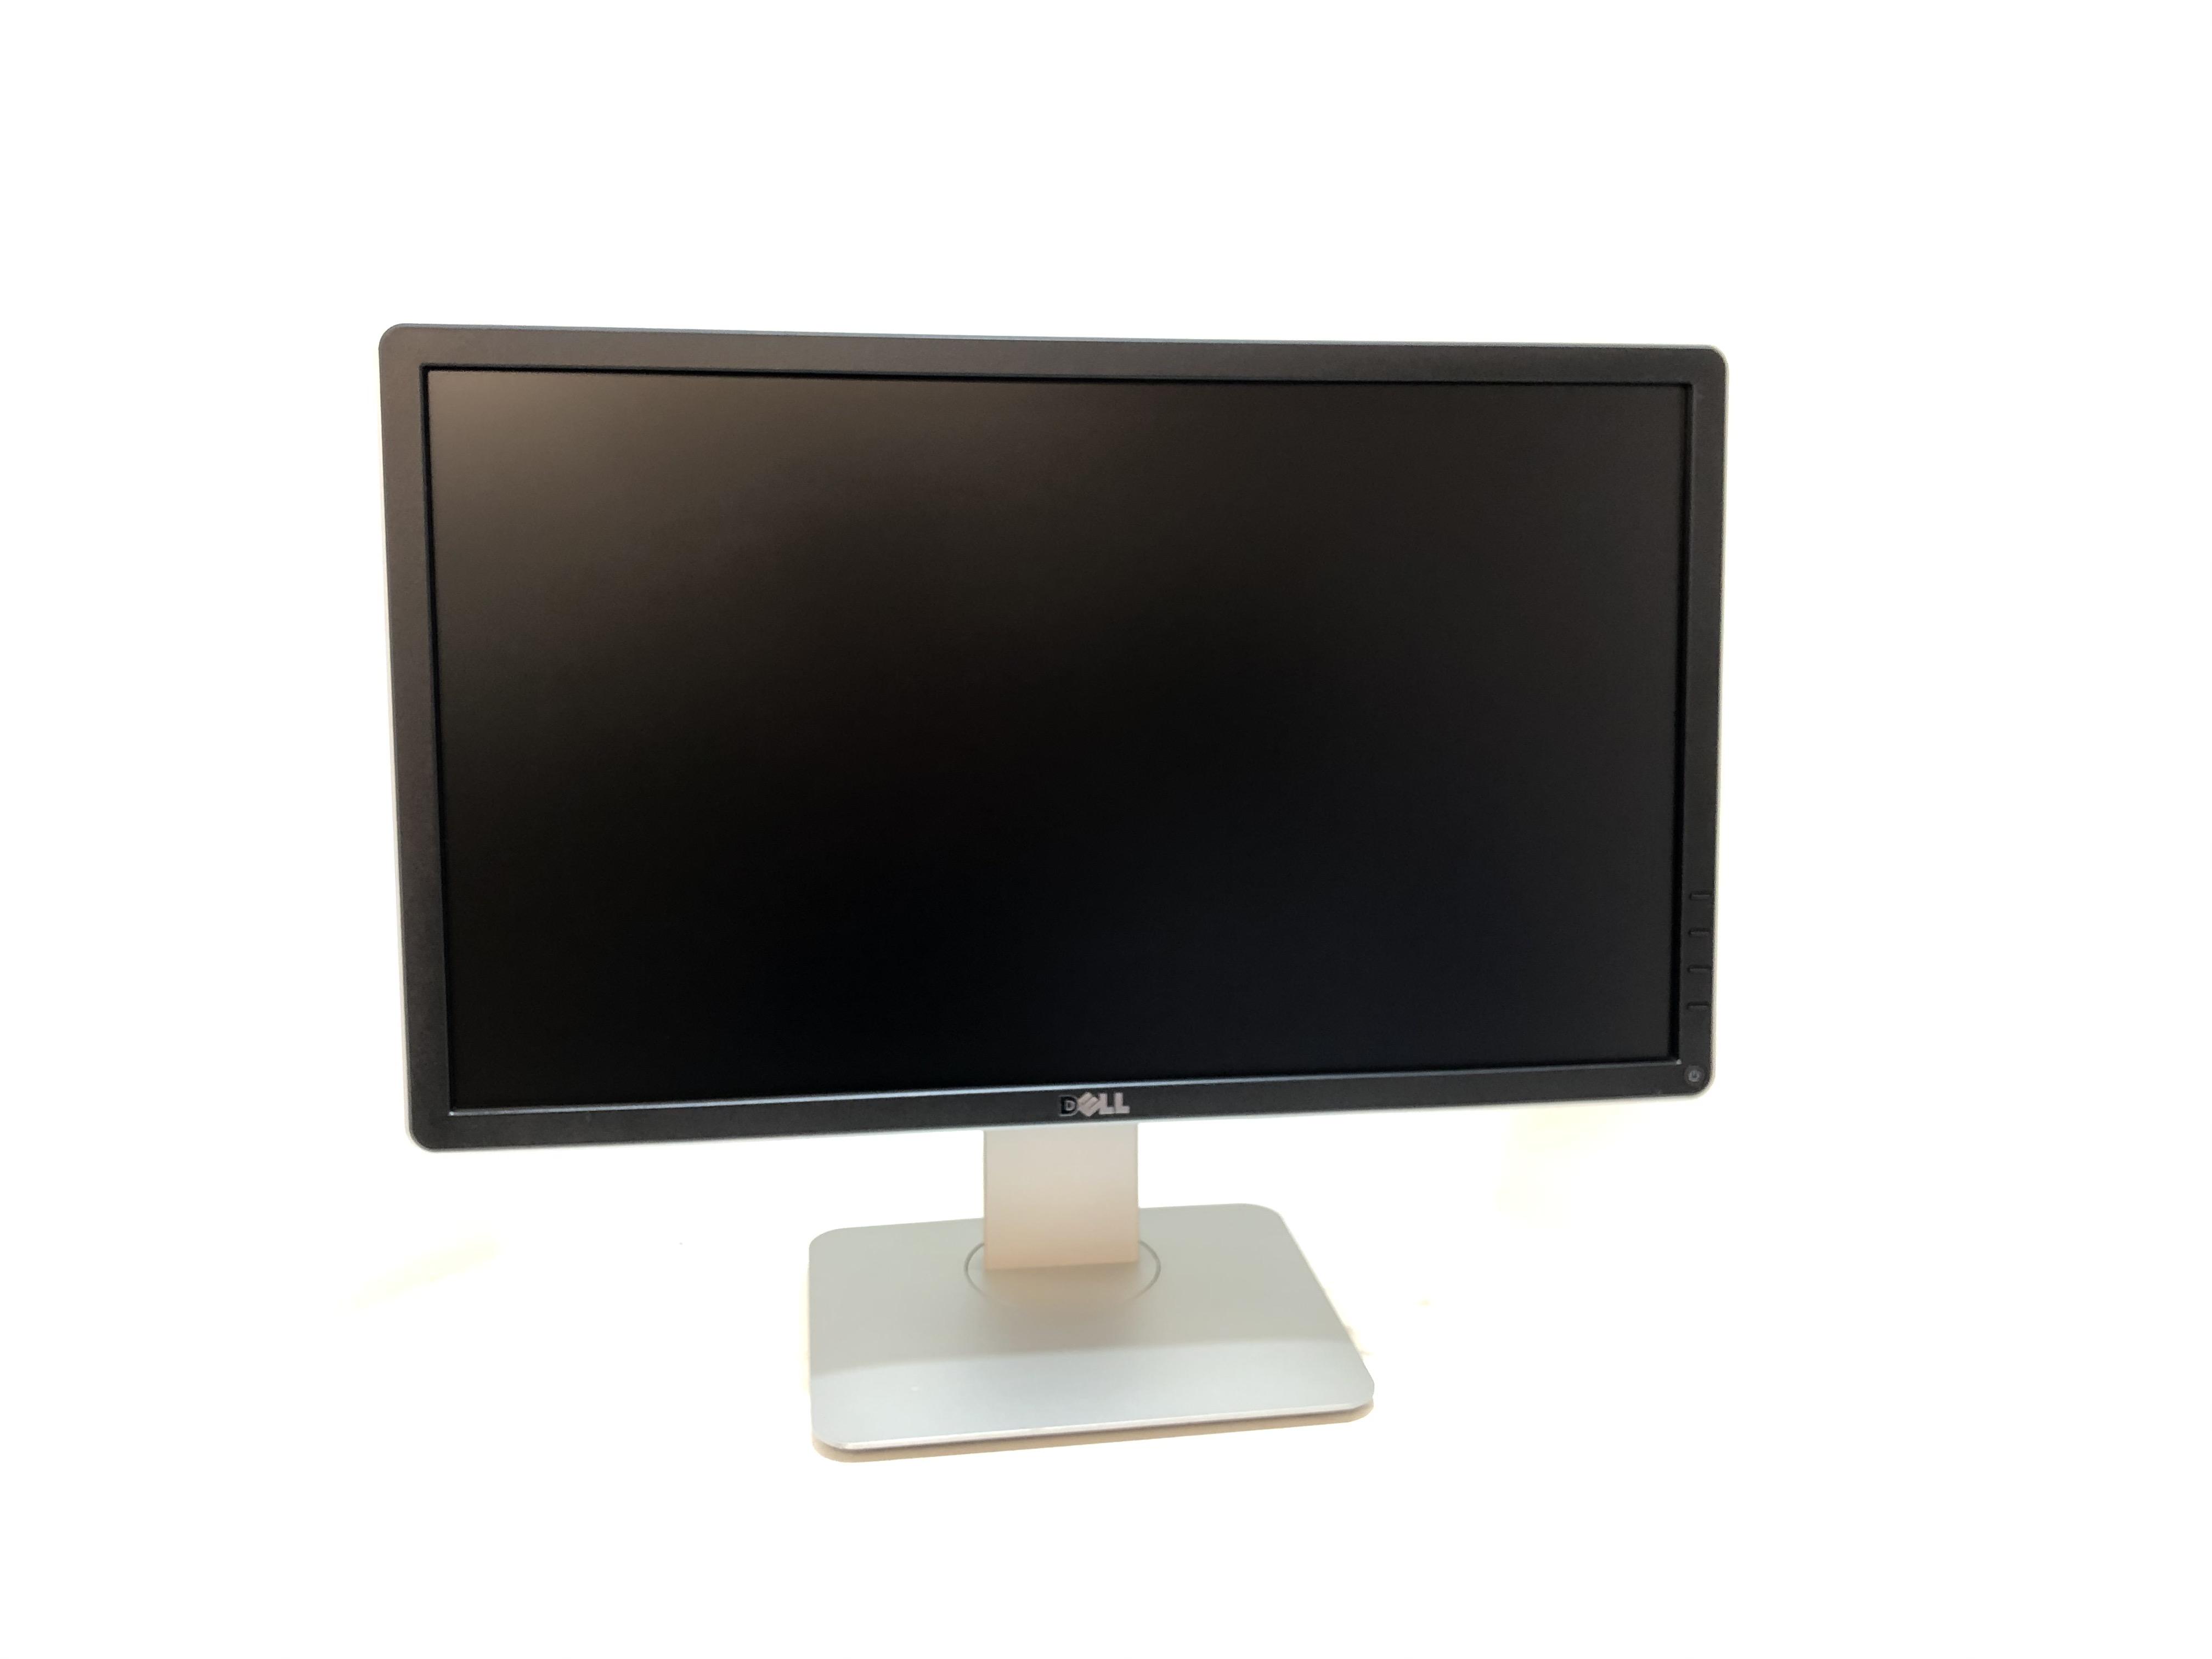 Dell-P2214Hb - 148014